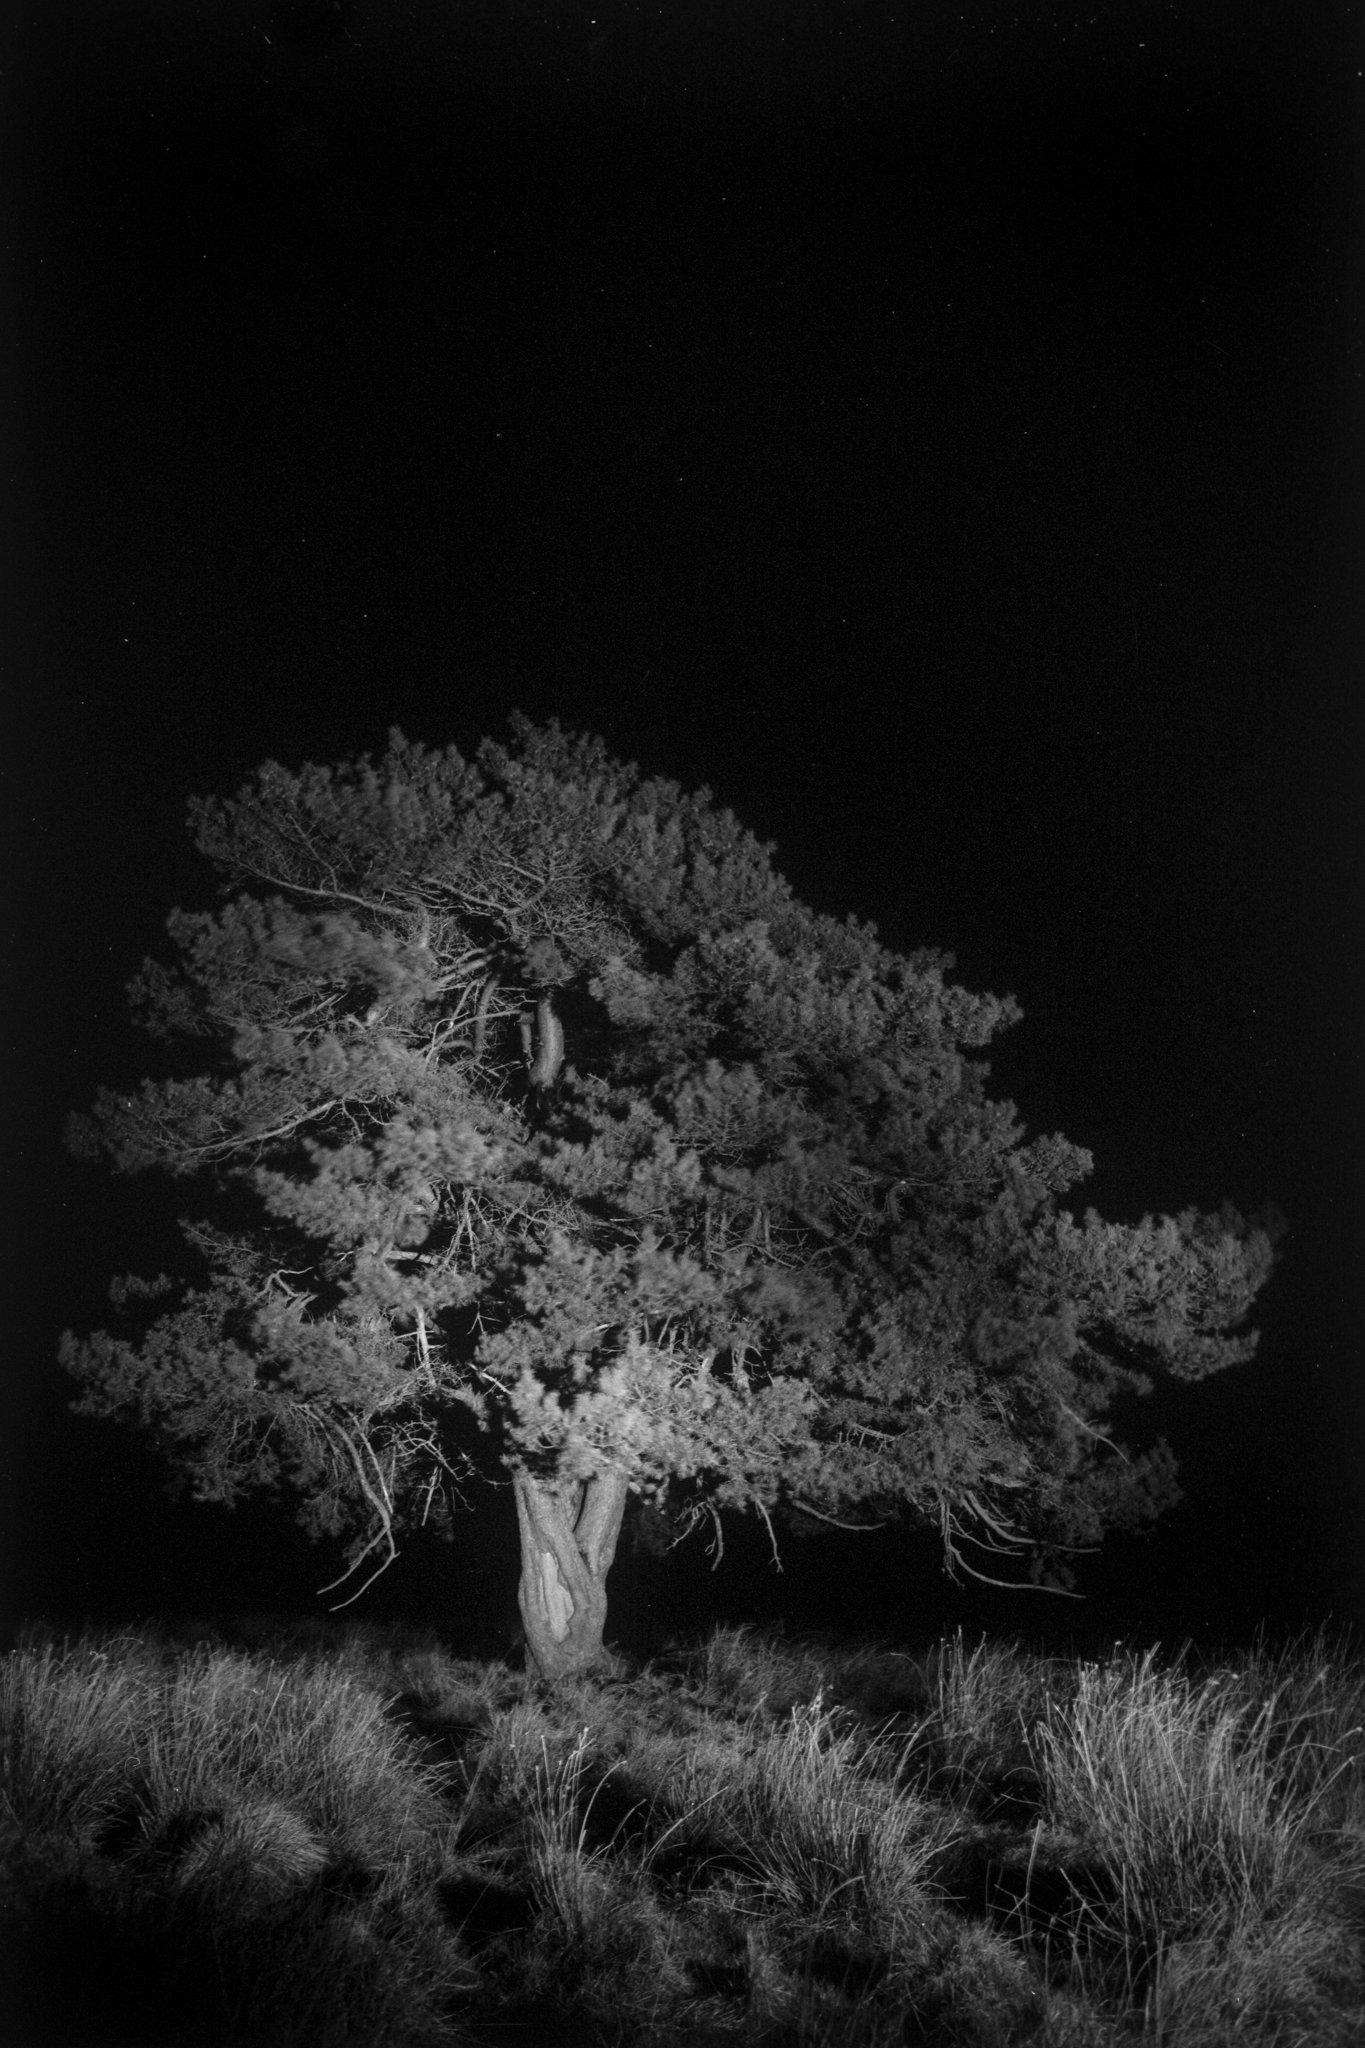 miguel brusch_through the night-02.jpg